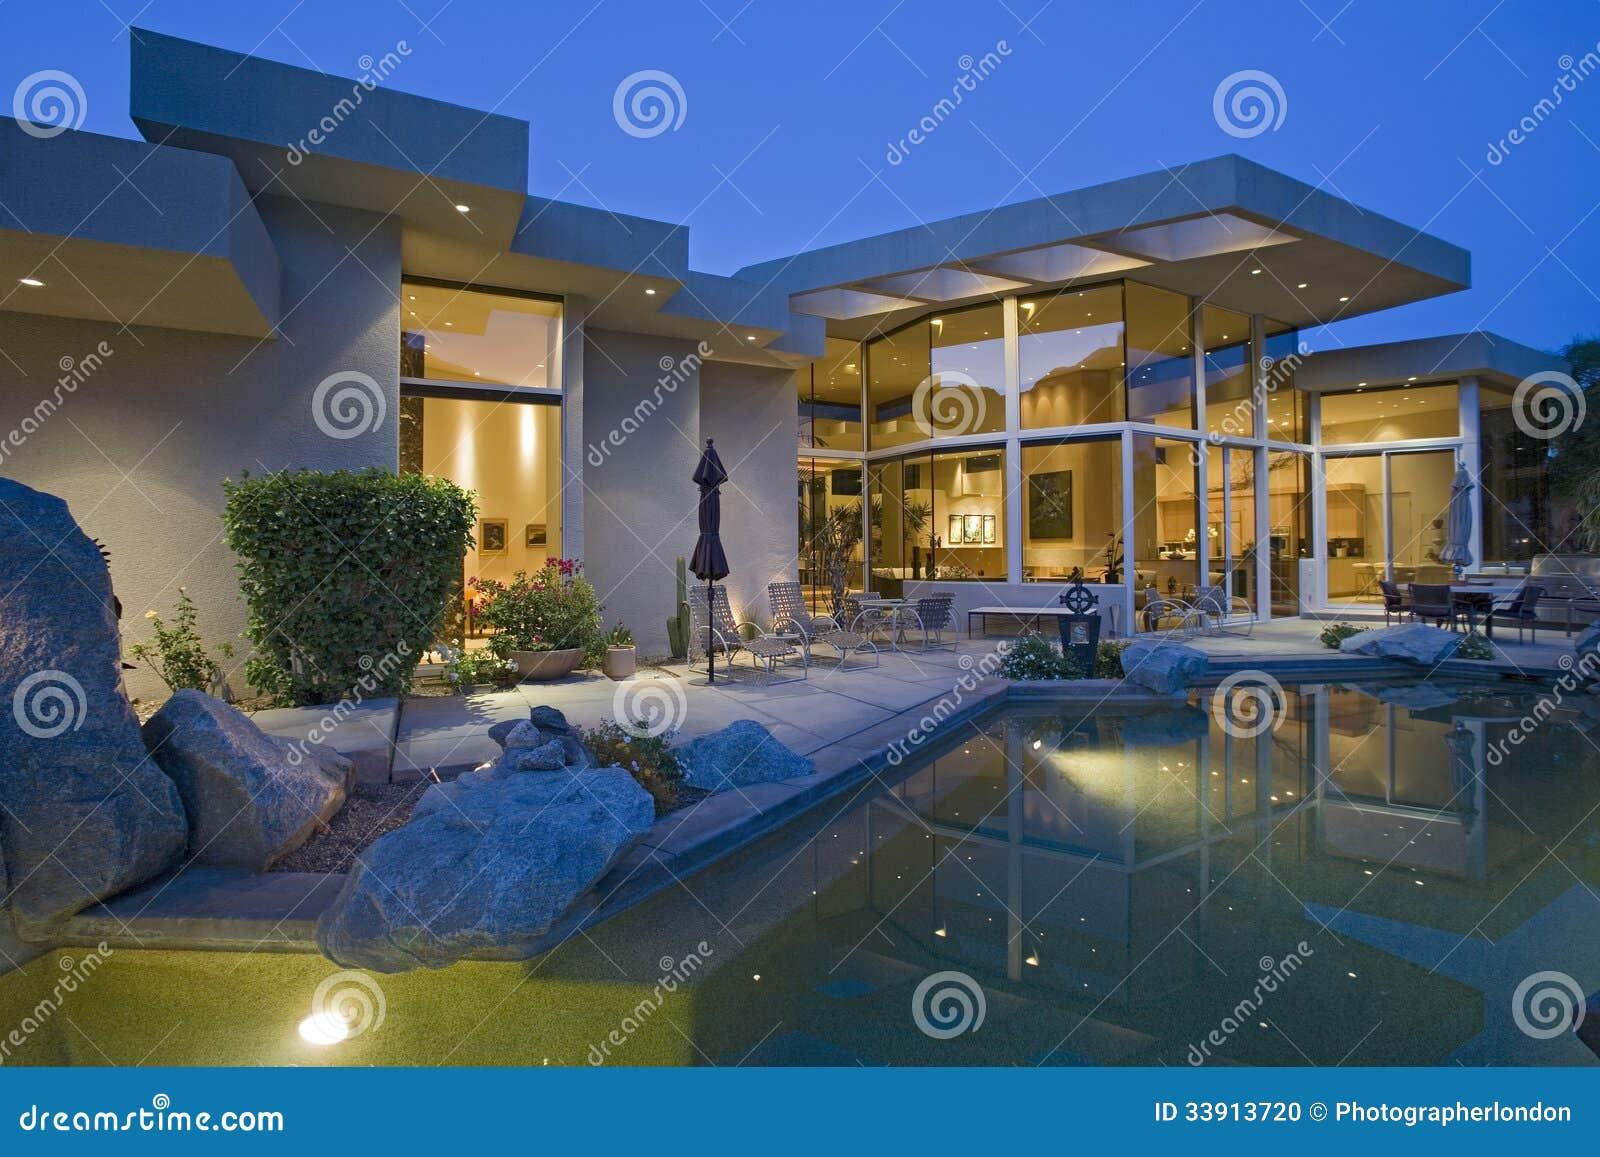 Casa con la piscina en patio trasero en la oscuridad foto for Piscinas en el patio de la casa